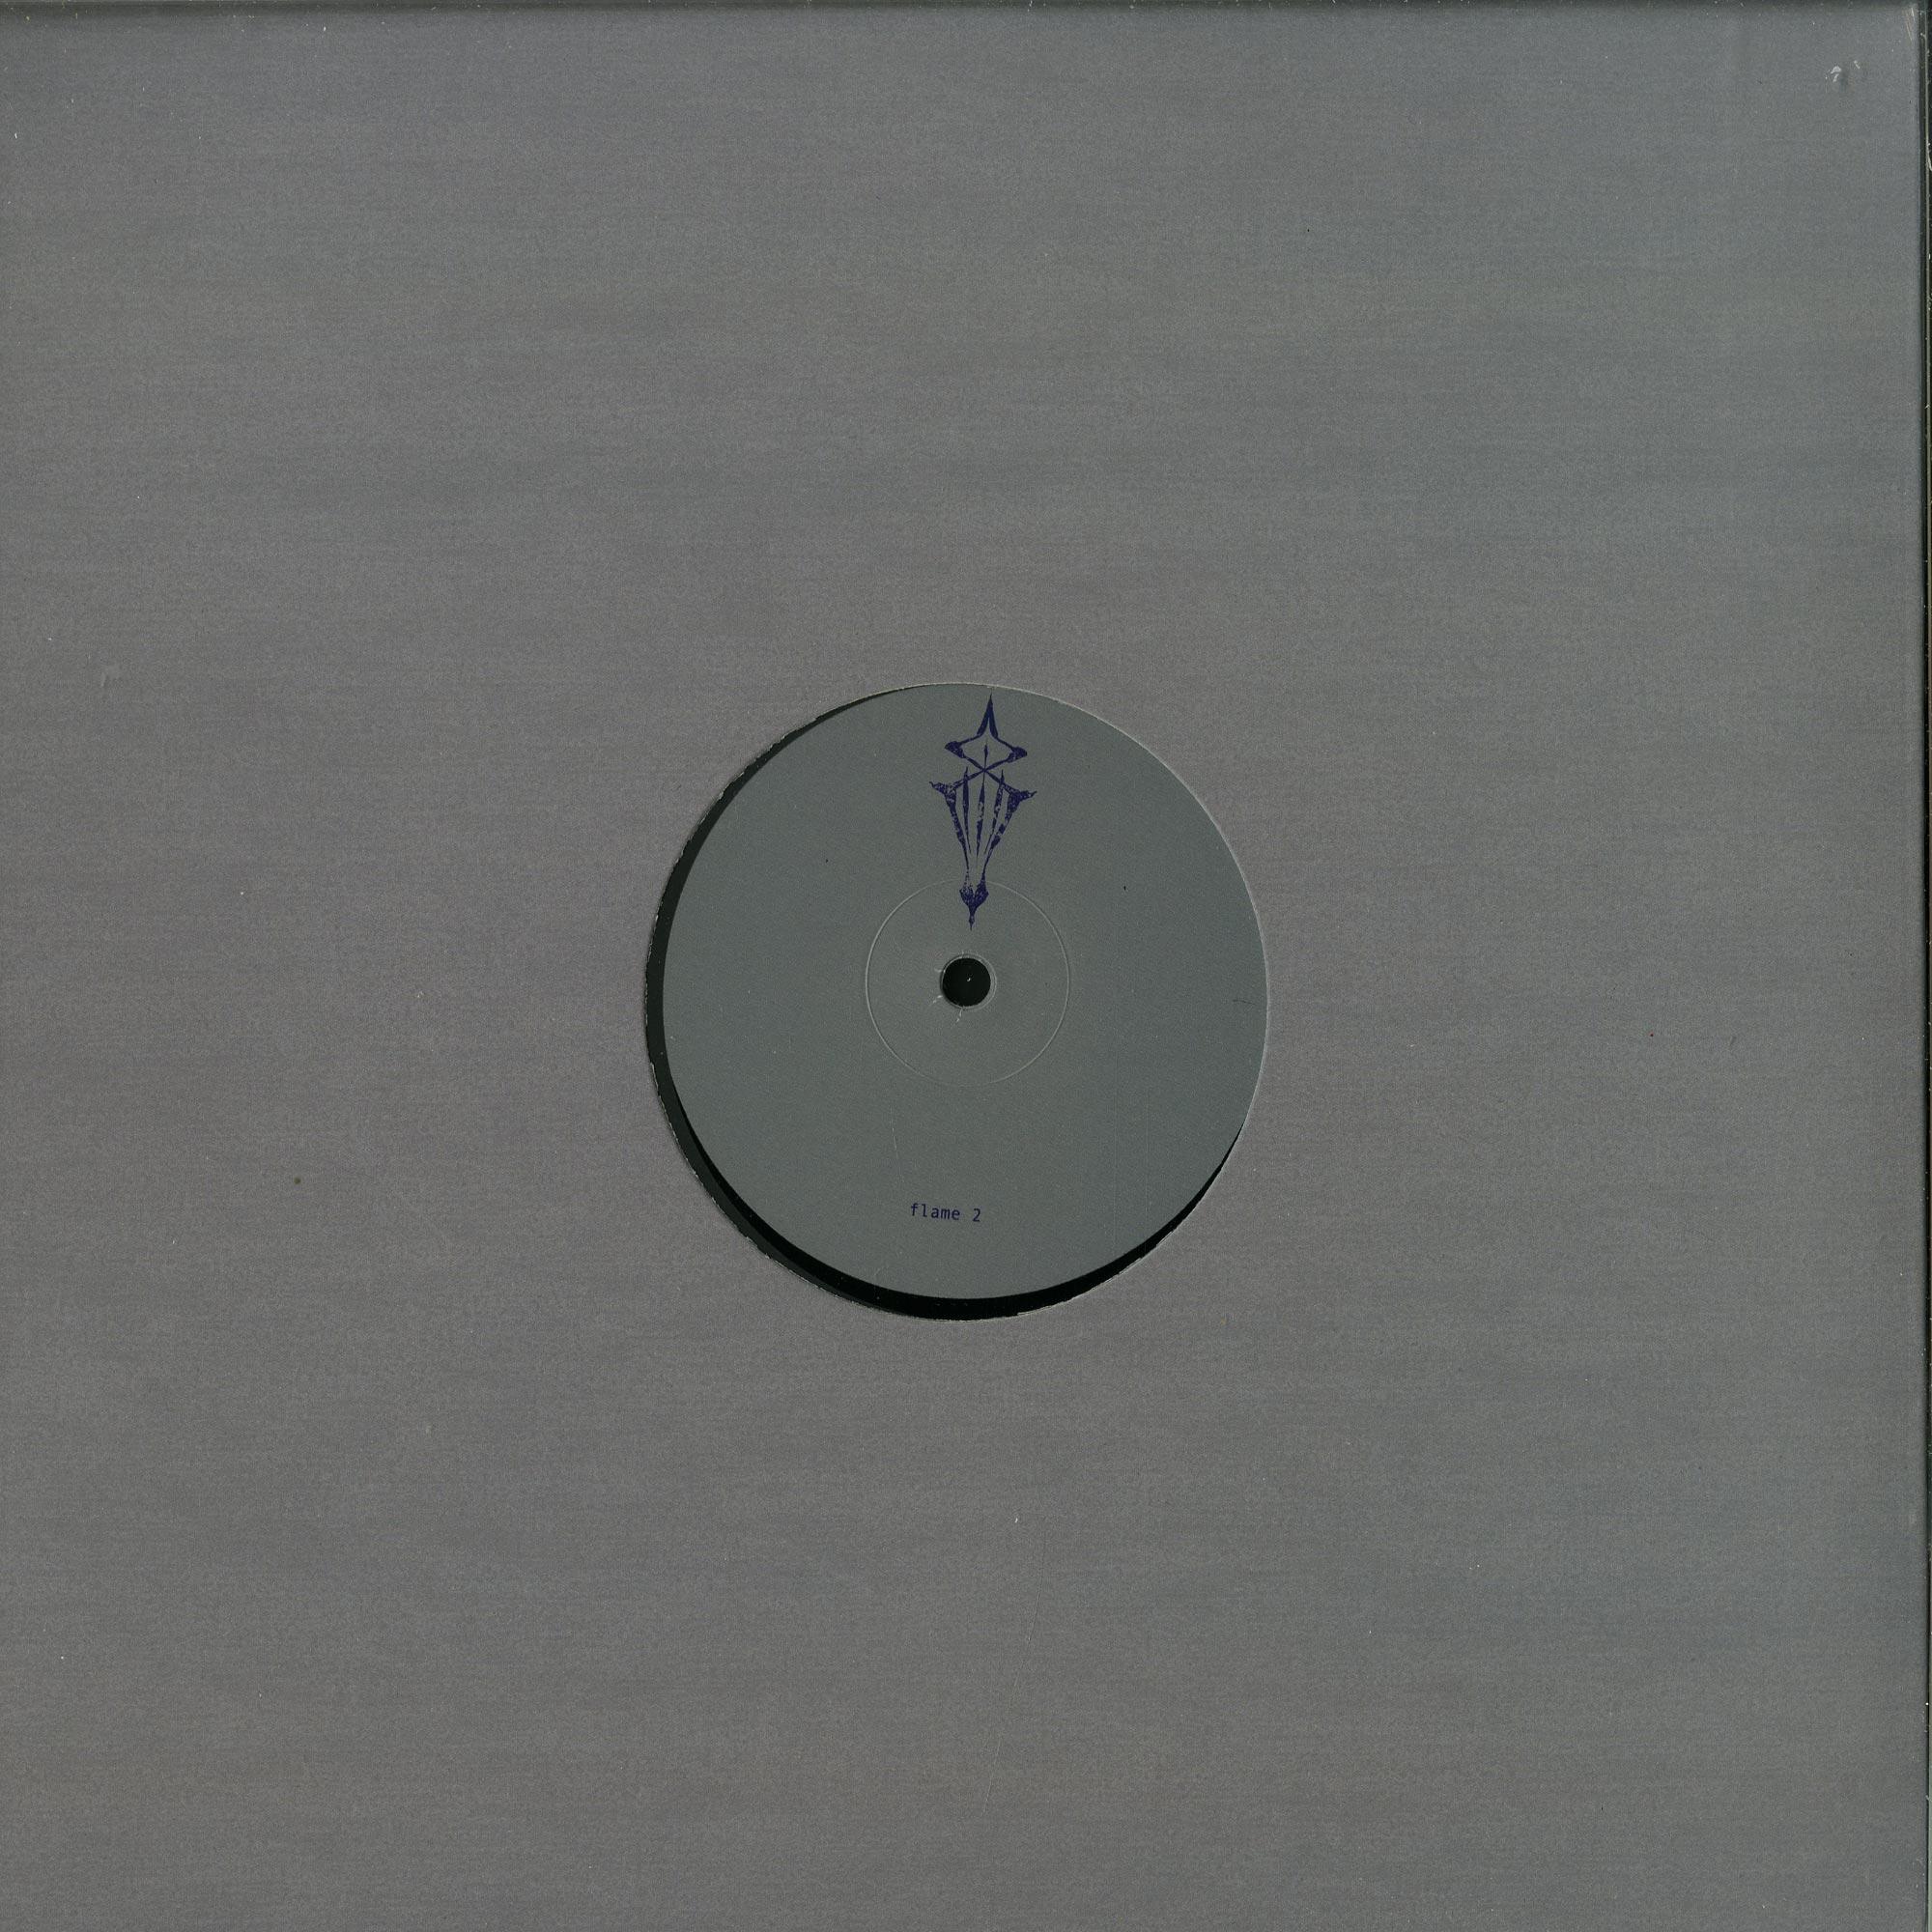 Flame 2 - DIVE / RAIN